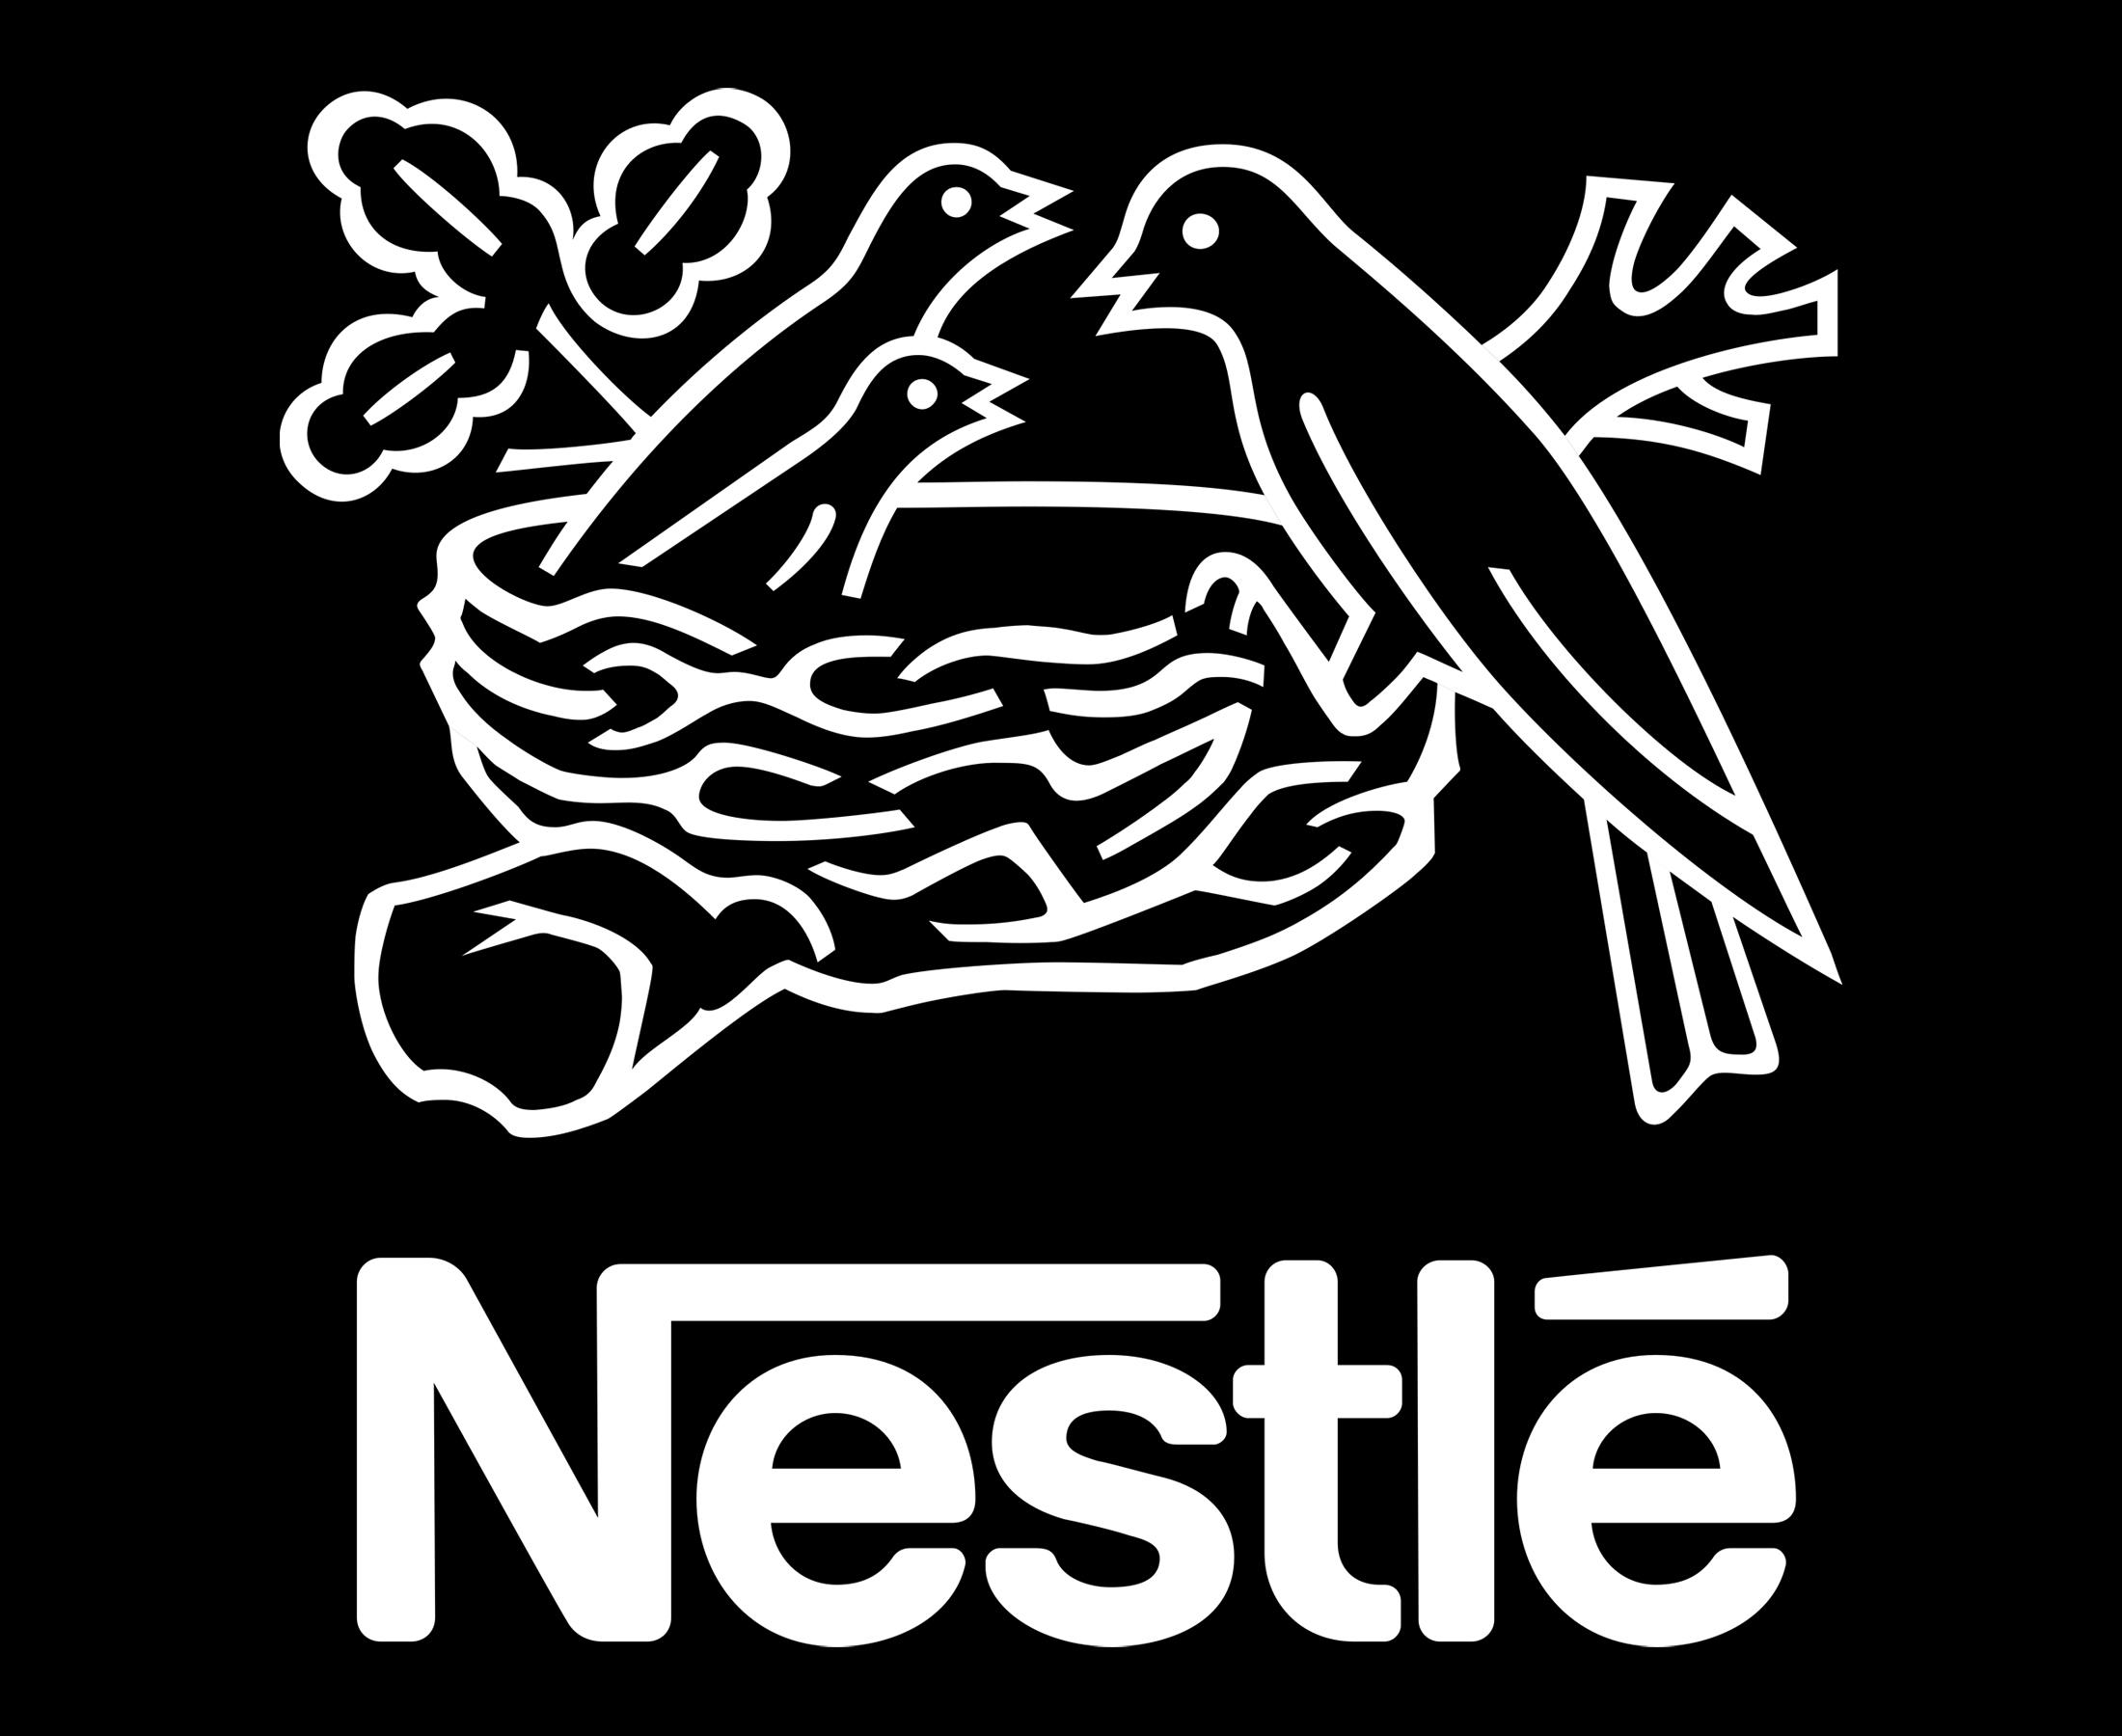 nestle logo png white